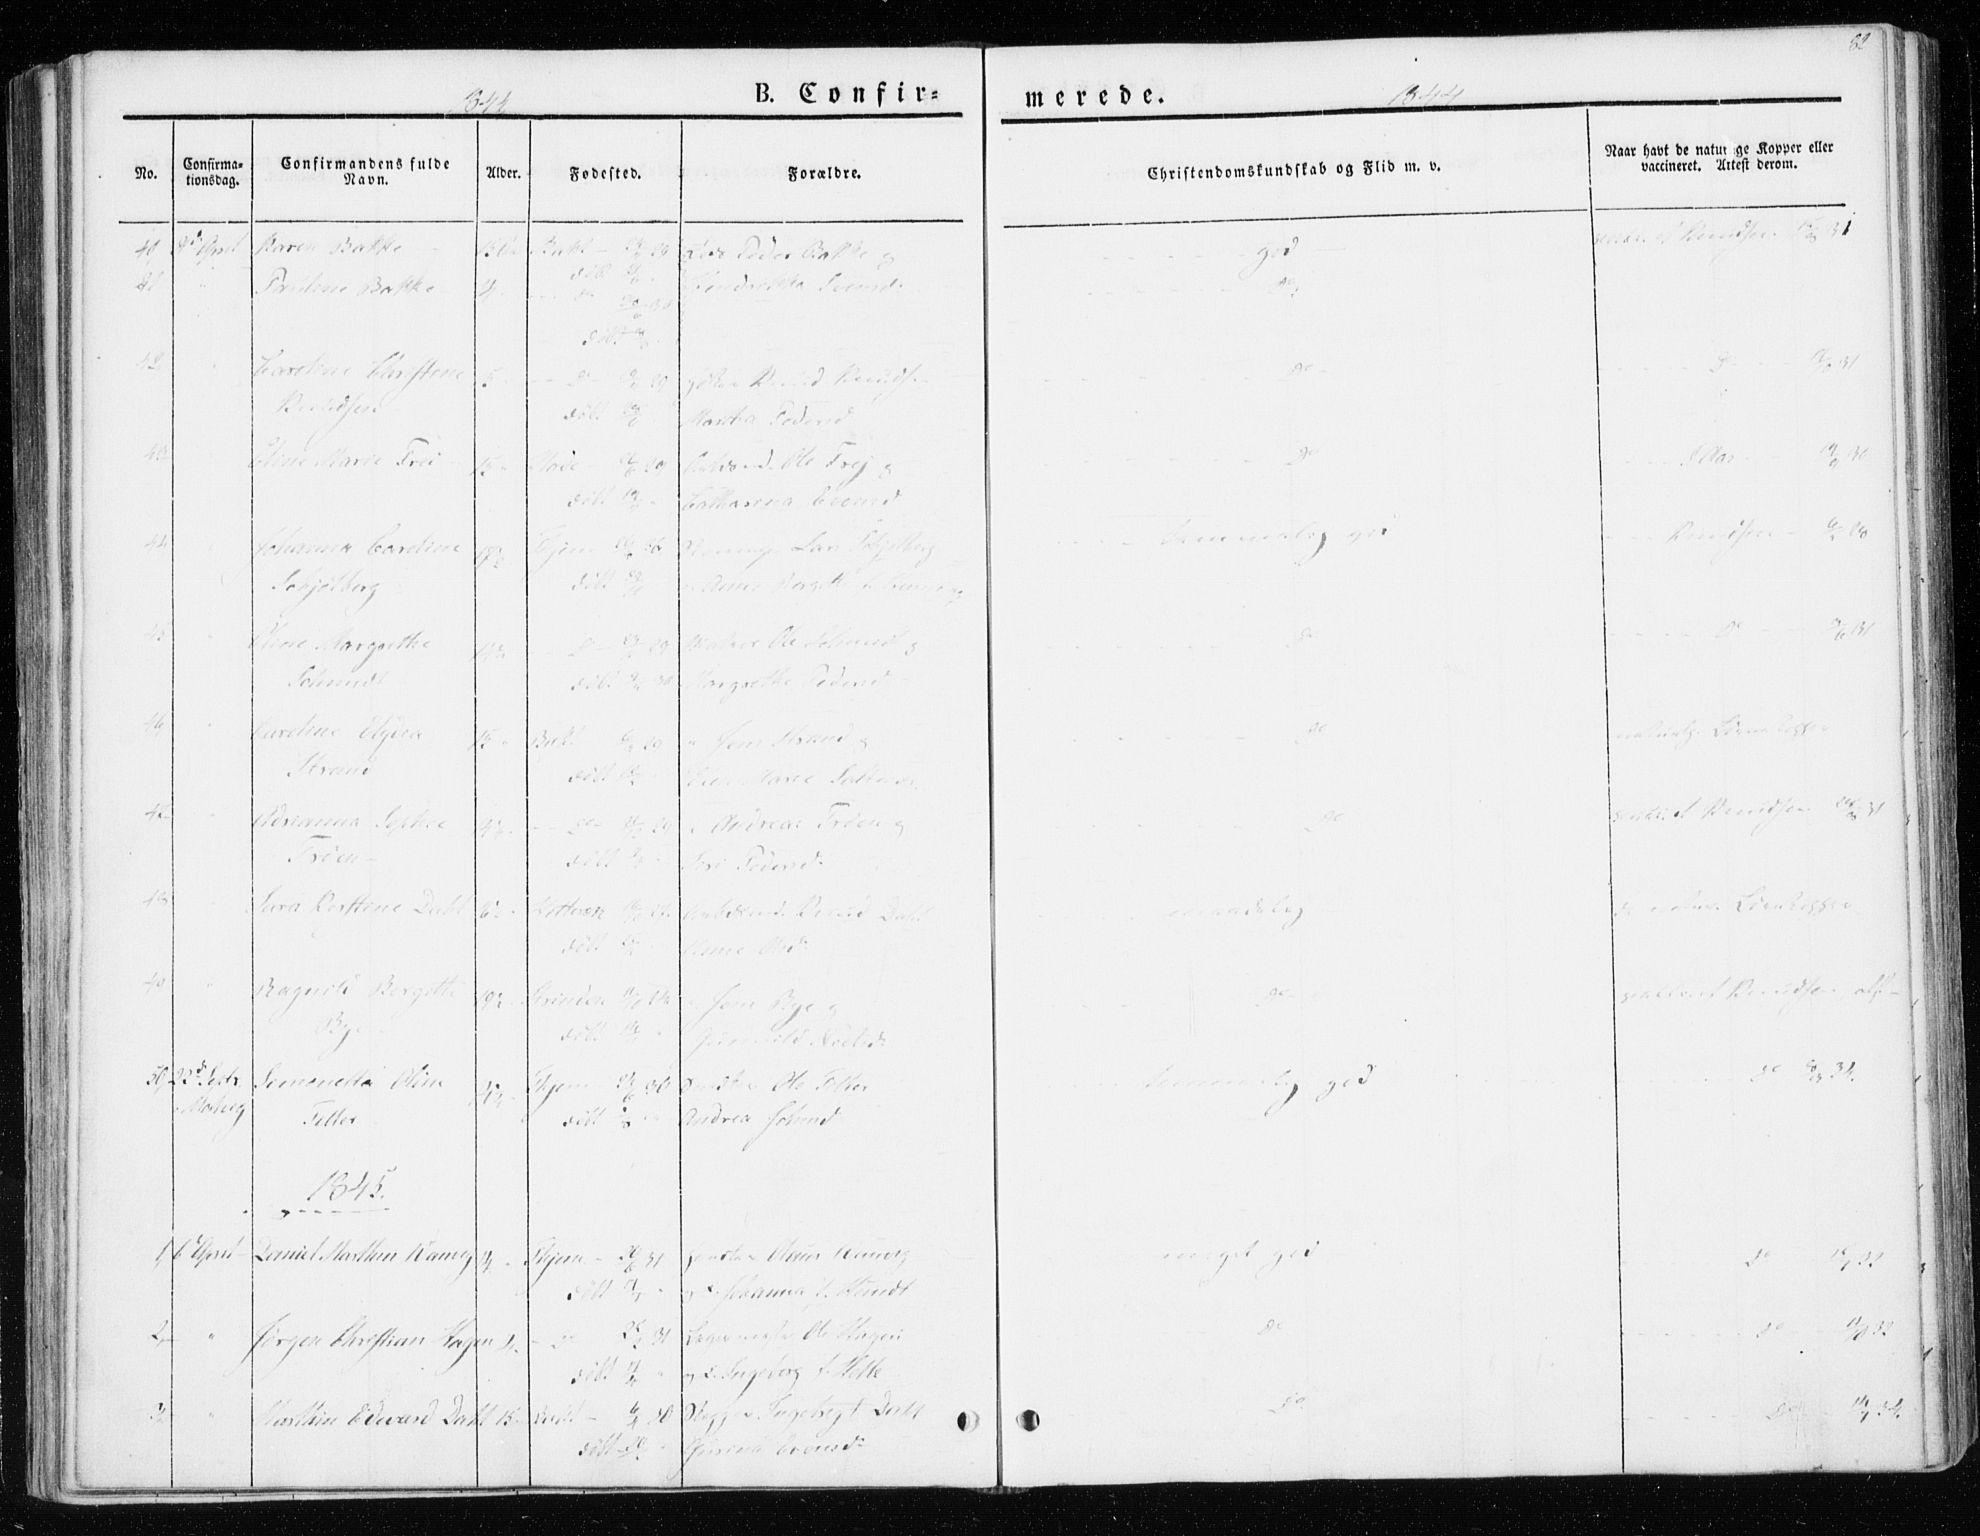 SAT, Ministerialprotokoller, klokkerbøker og fødselsregistre - Sør-Trøndelag, 604/L0183: Ministerialbok nr. 604A04, 1841-1850, s. 82